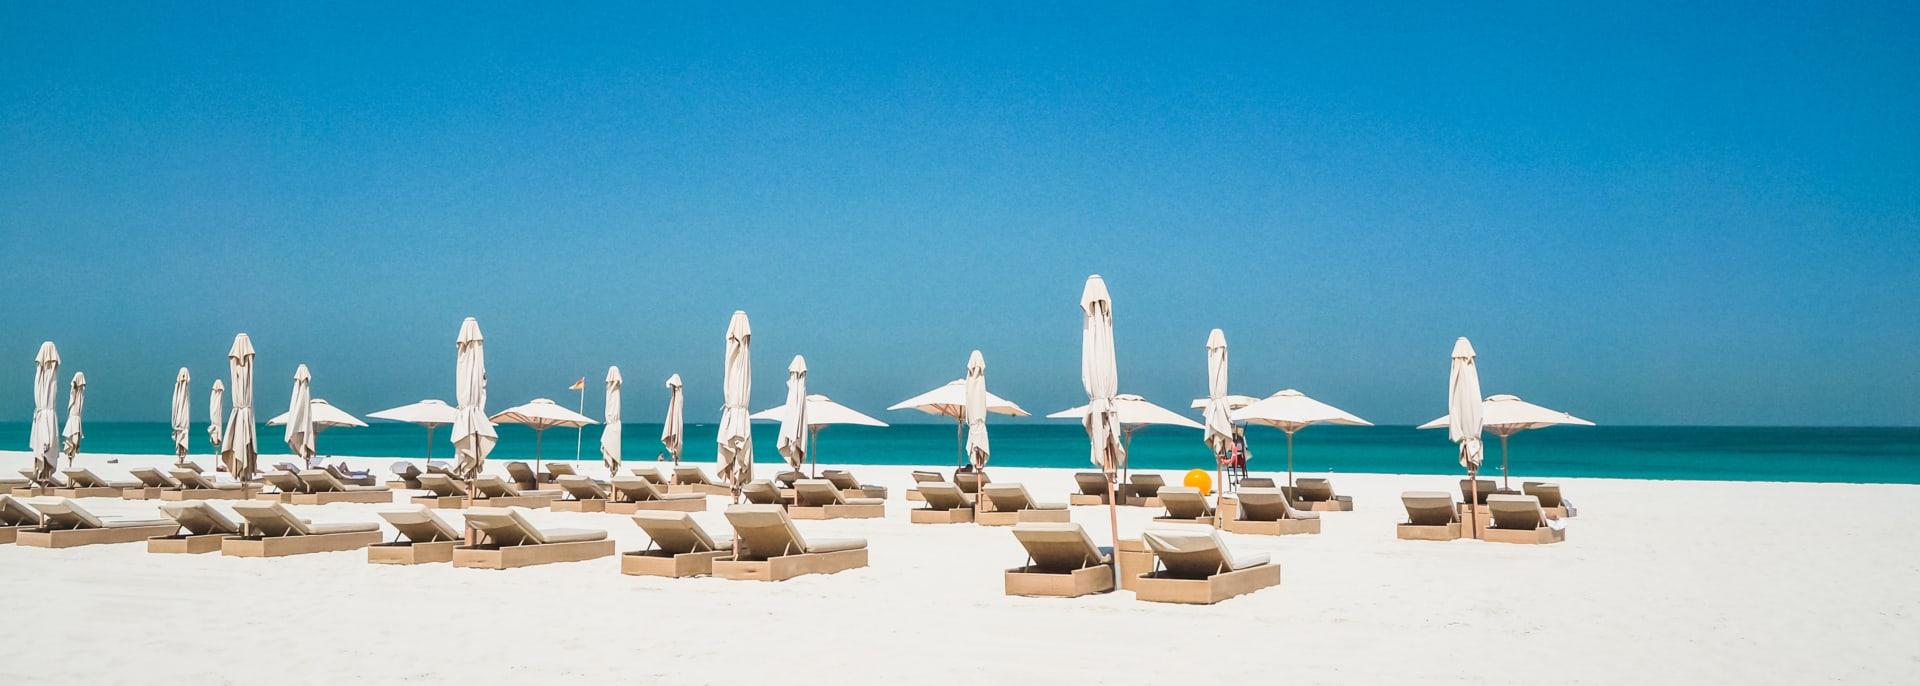 Saadiyat Island, Vereinigte Arabische Emirate